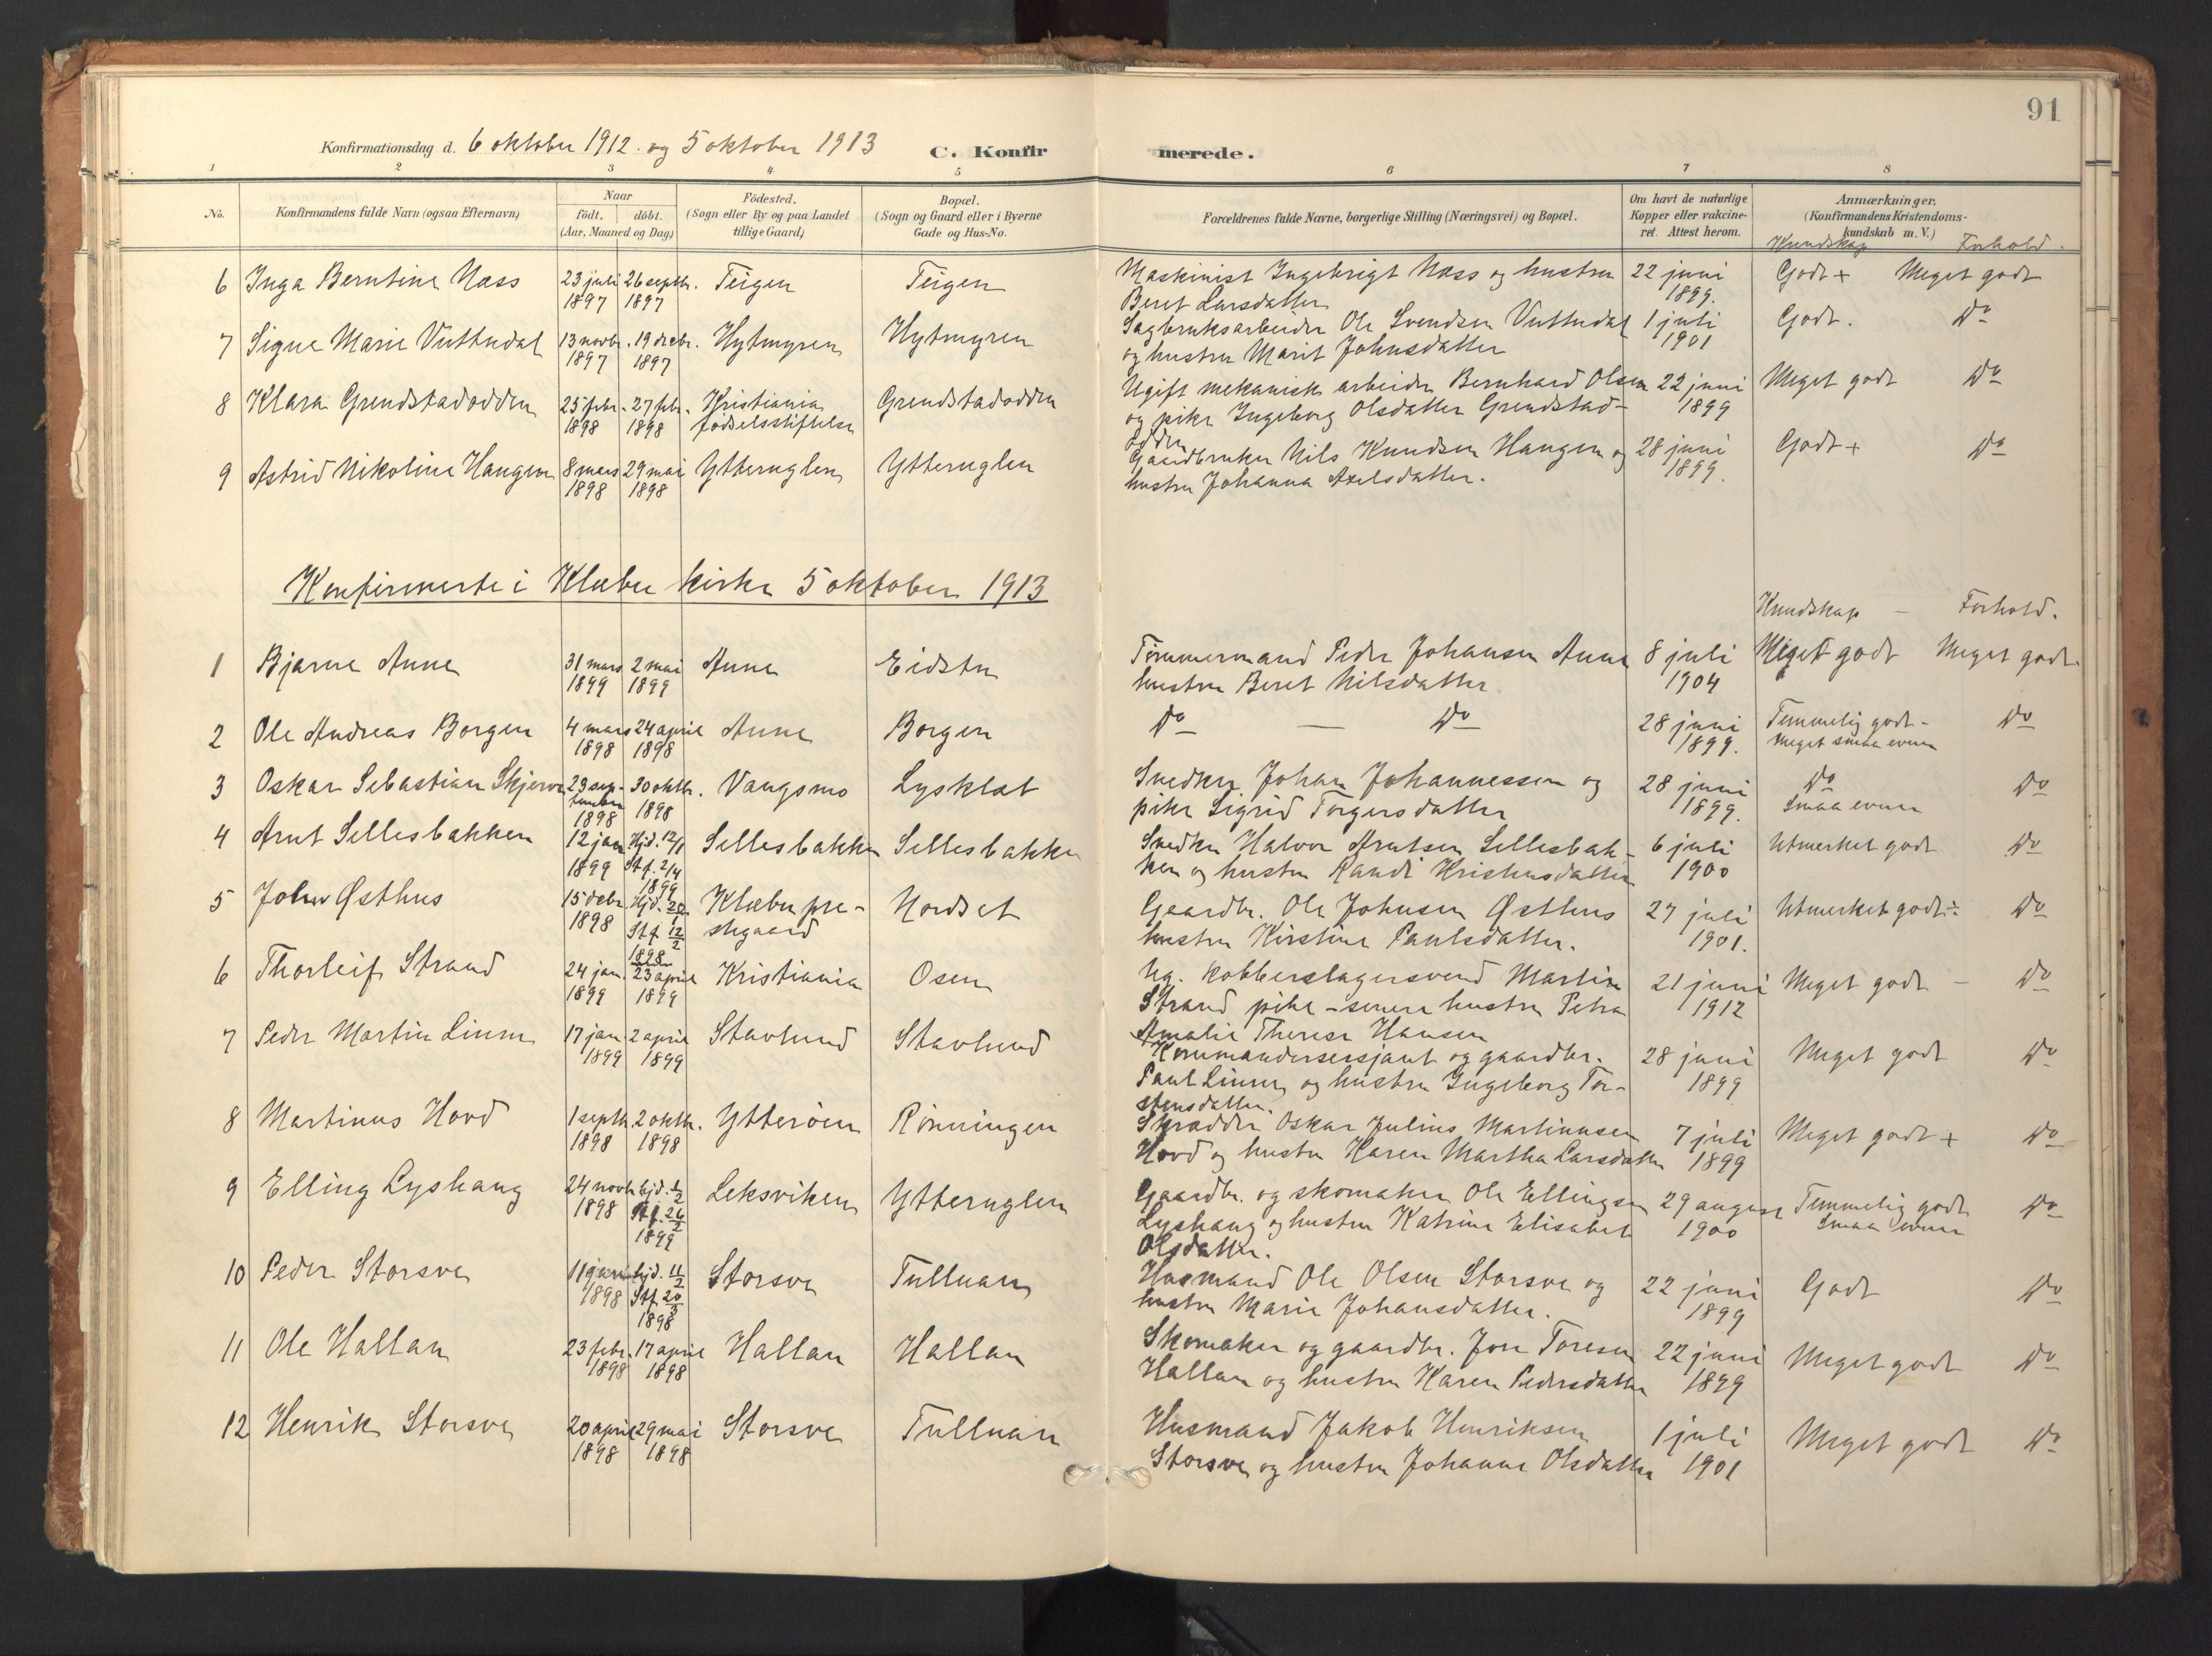 SAT, Ministerialprotokoller, klokkerbøker og fødselsregistre - Sør-Trøndelag, 618/L0448: Ministerialbok nr. 618A11, 1898-1916, s. 91